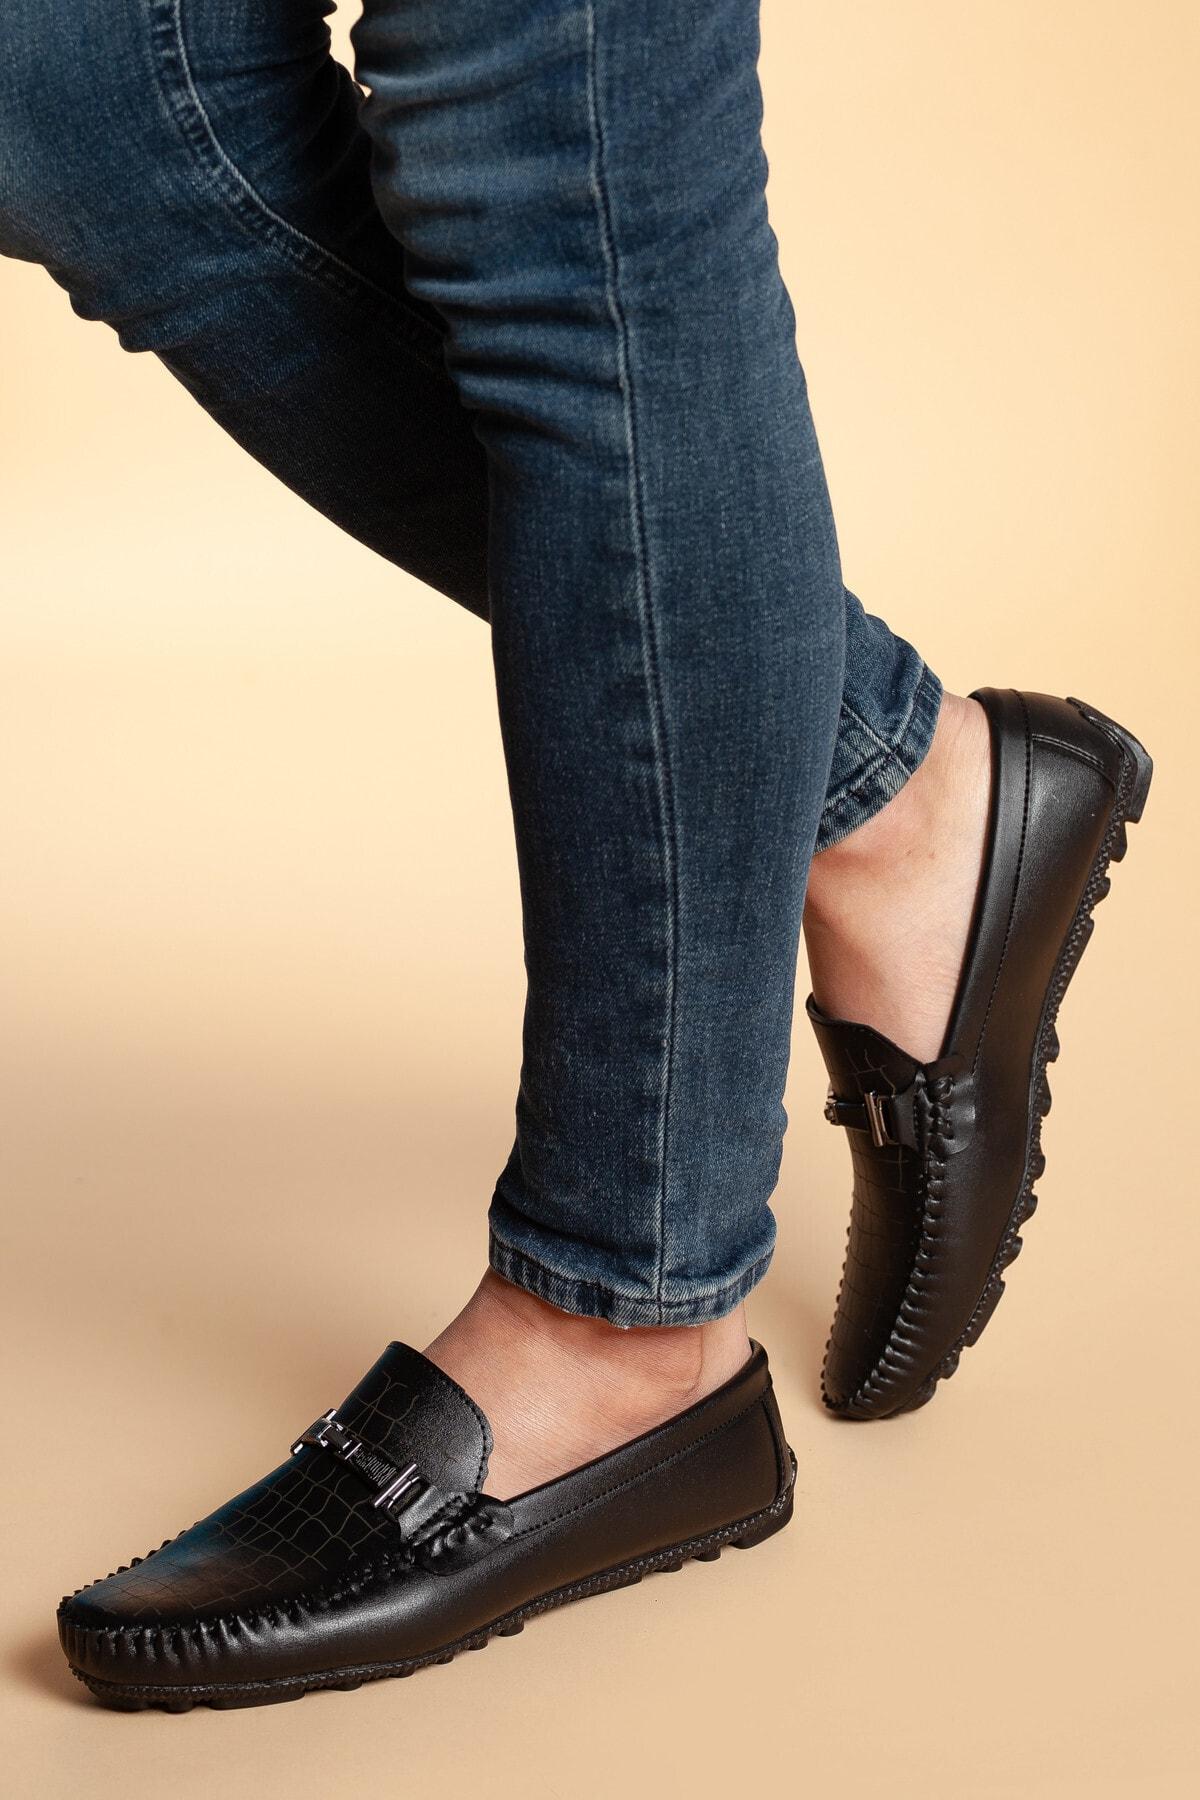 Daxtors Erkek Siyah Ortopedik Günlük Ayakkabı 2